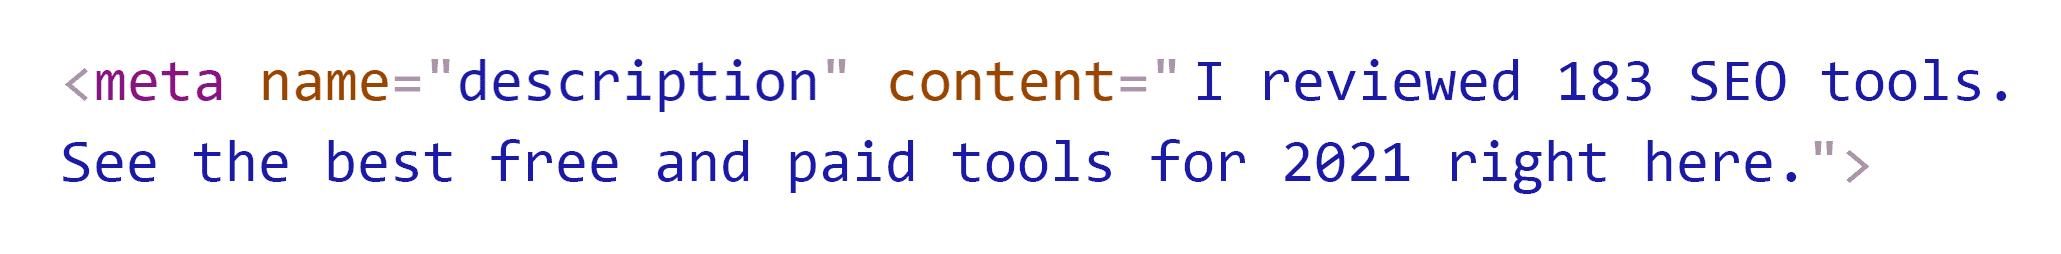 SEO tools – Meta description